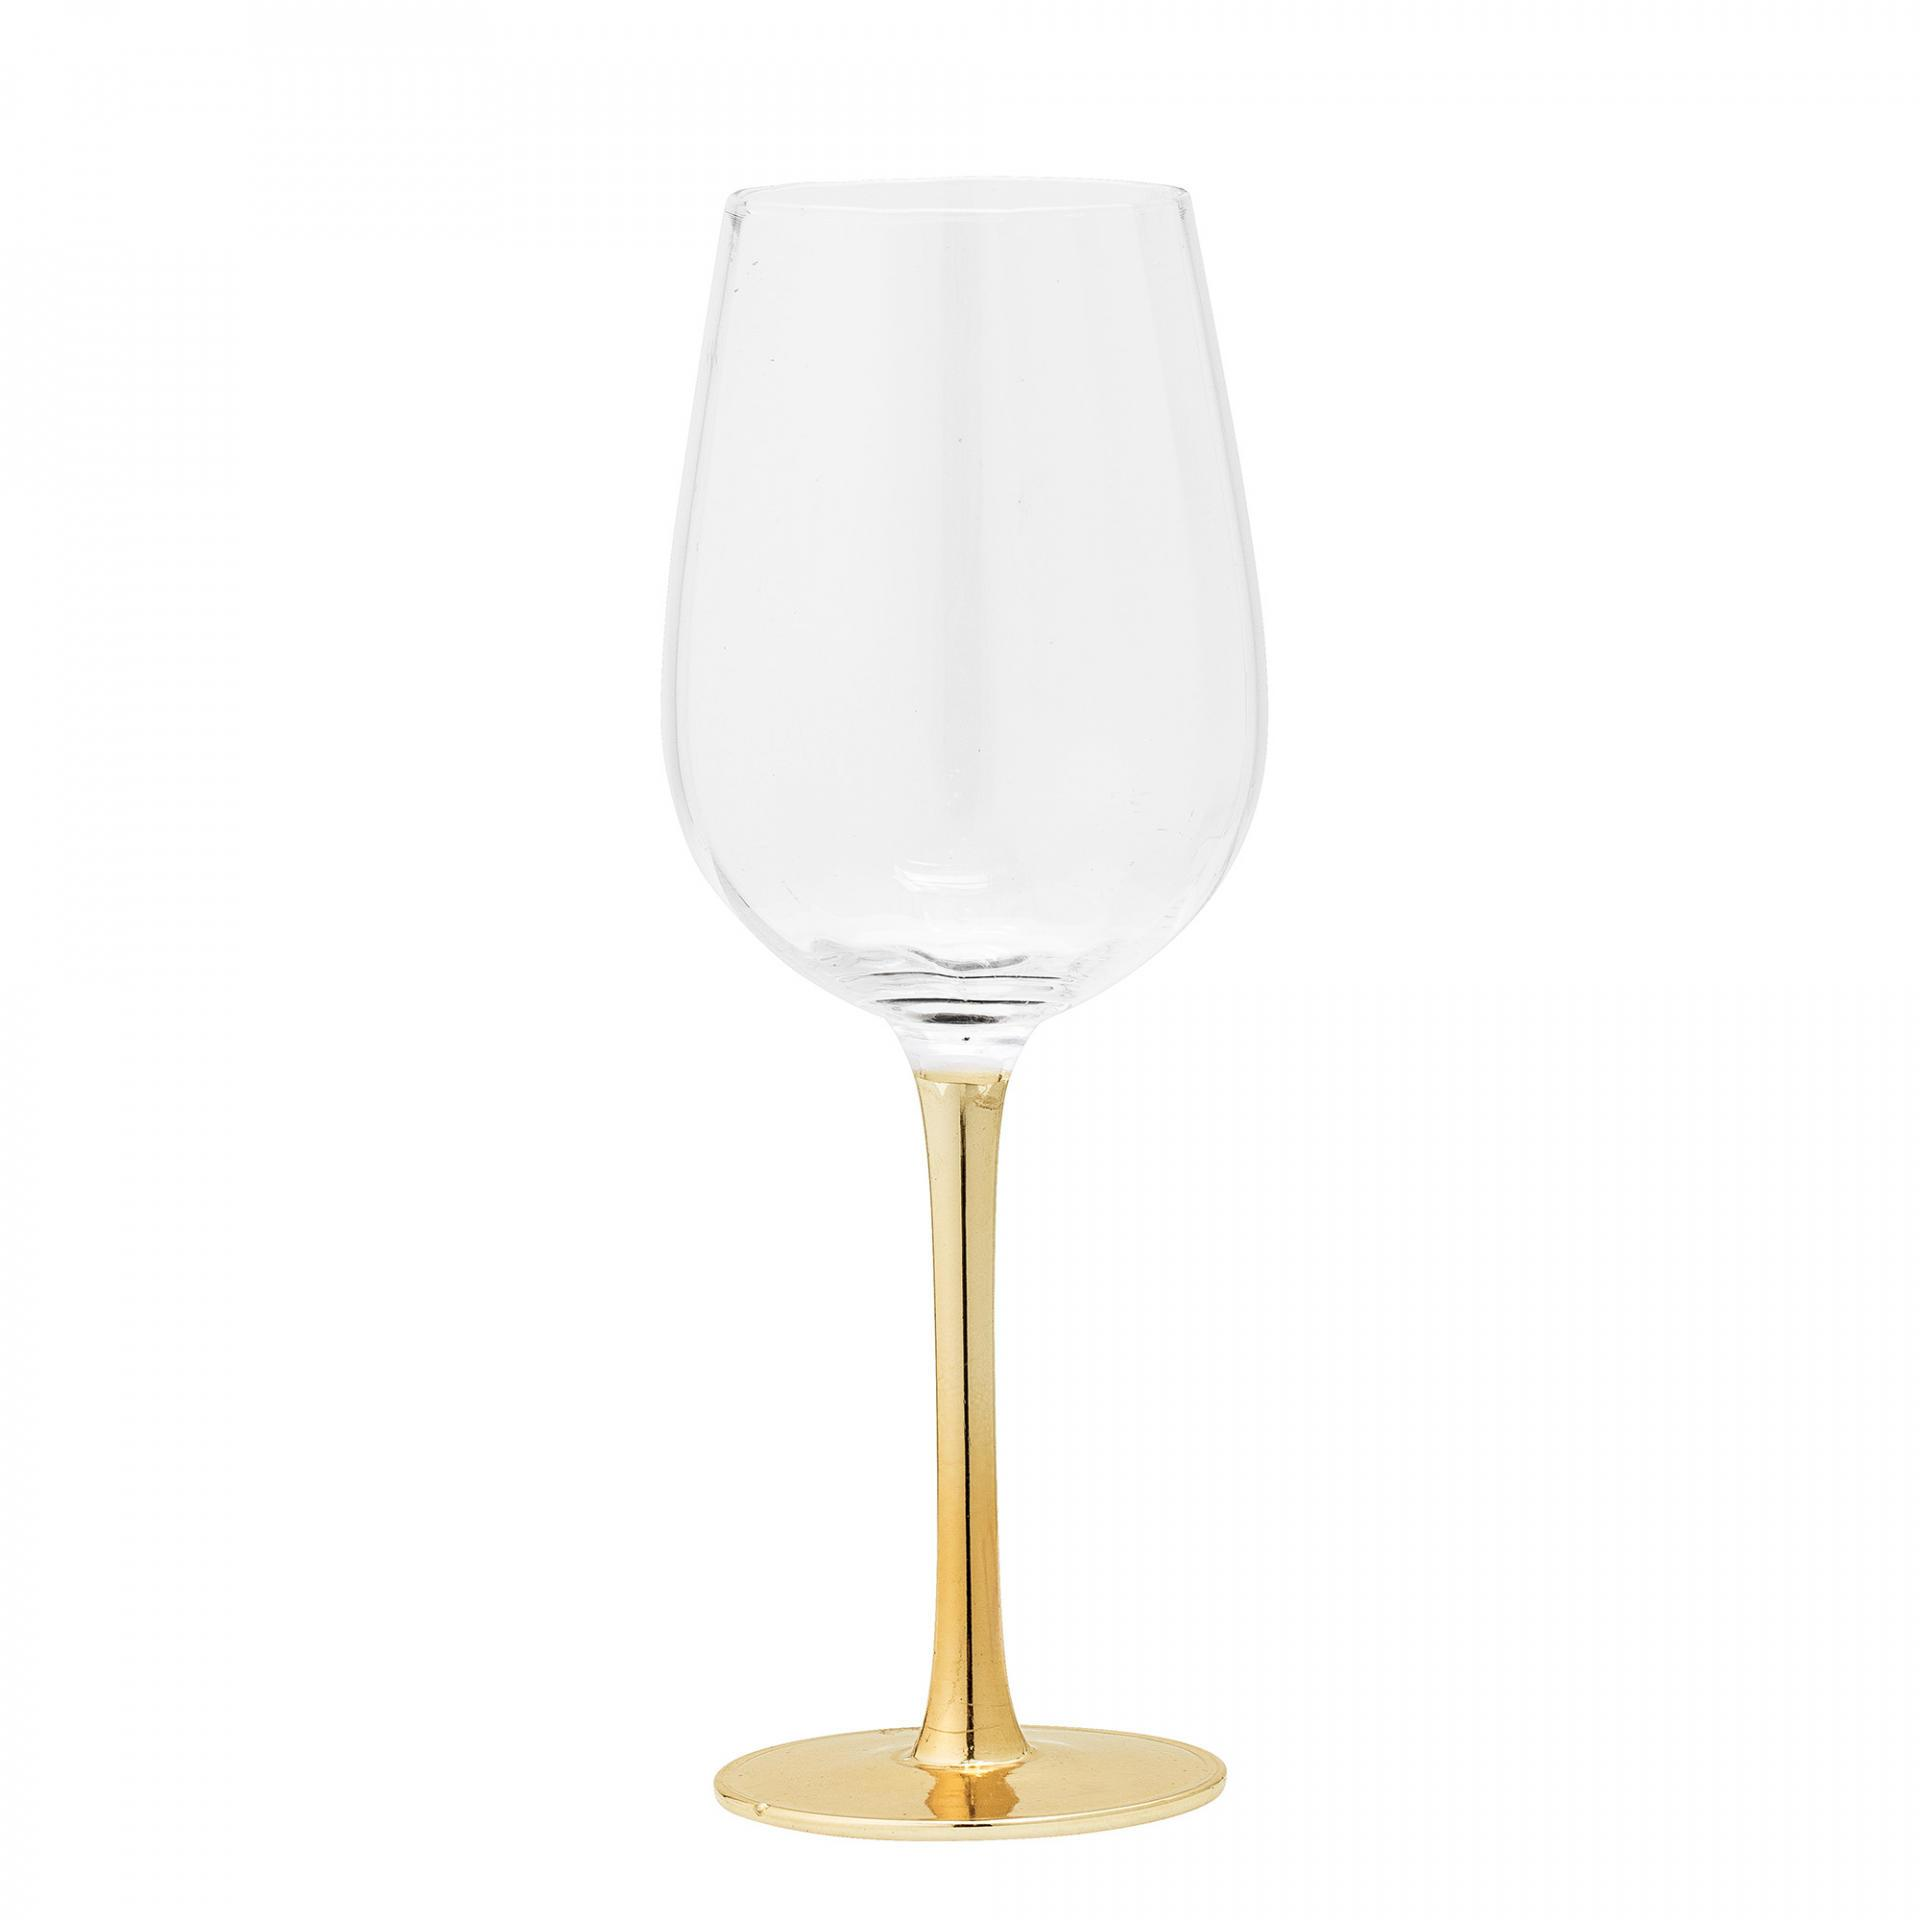 Bloomingville Sklenice na víno Clear, zlatá barva, čirá barva, sklo